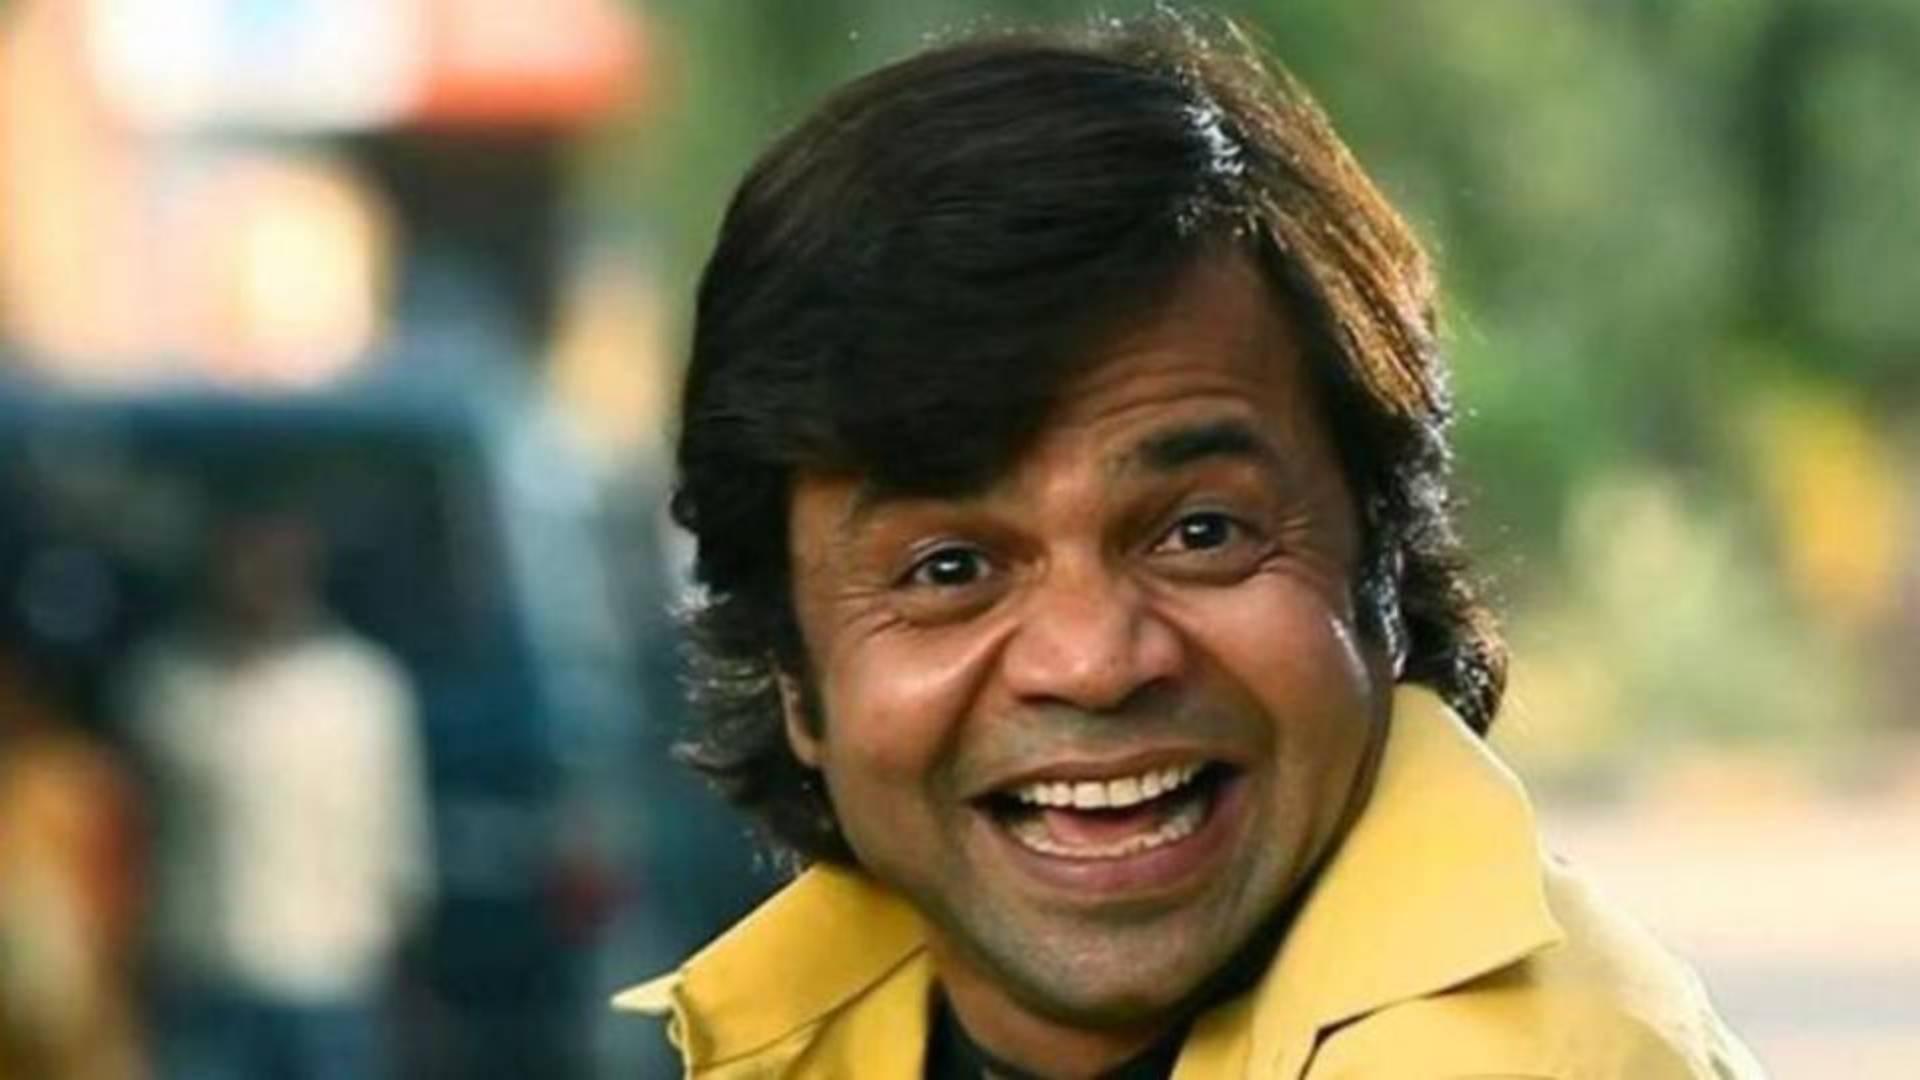 Bigg Boss 13: टीवी से बॉलीवुड तक का कुछ ऐसा रहा राजपाल यादव का सफर, शो में लगाएंगे कॉमडी का तड़का